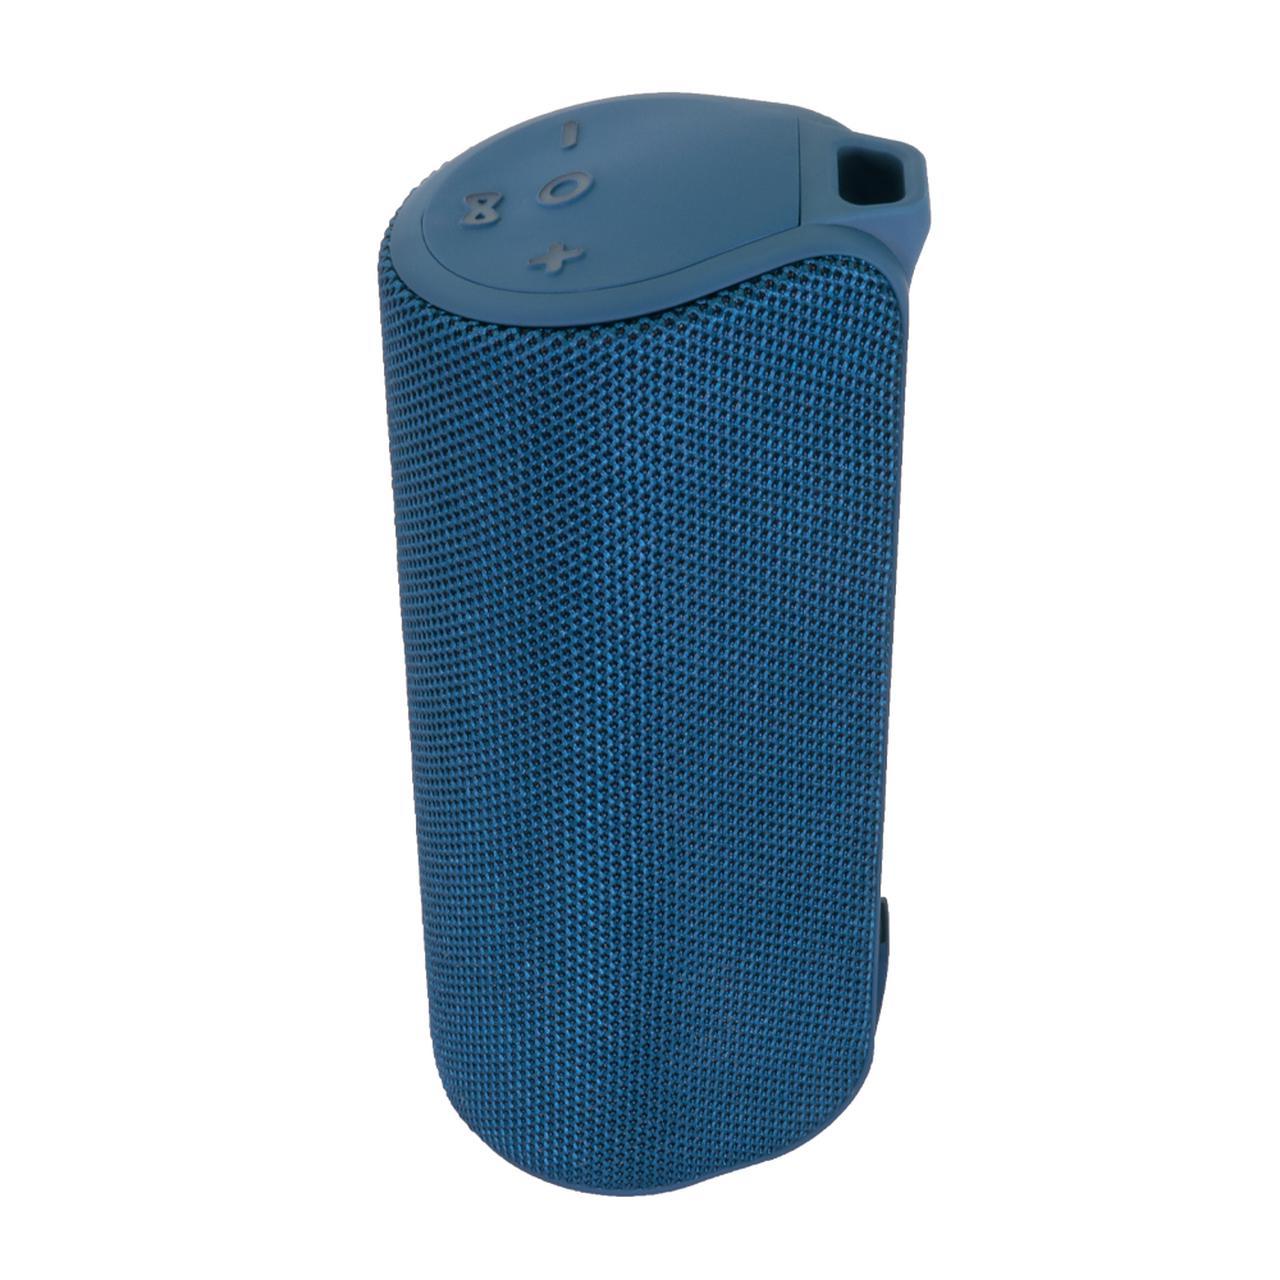 画像: ワイヤレスステレオモード対応 Bluetooth 防水ワイヤレス スピーカー OWL-BTSP02Sシリーズ WP02 | 株式会社オウルテック